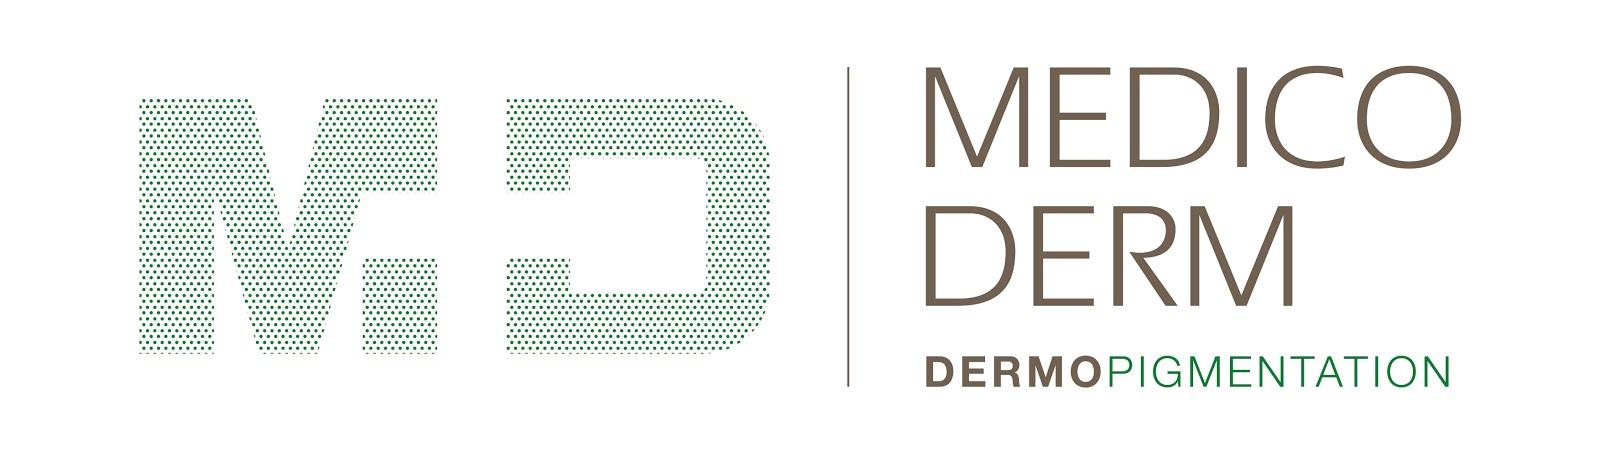 Medico-Derm